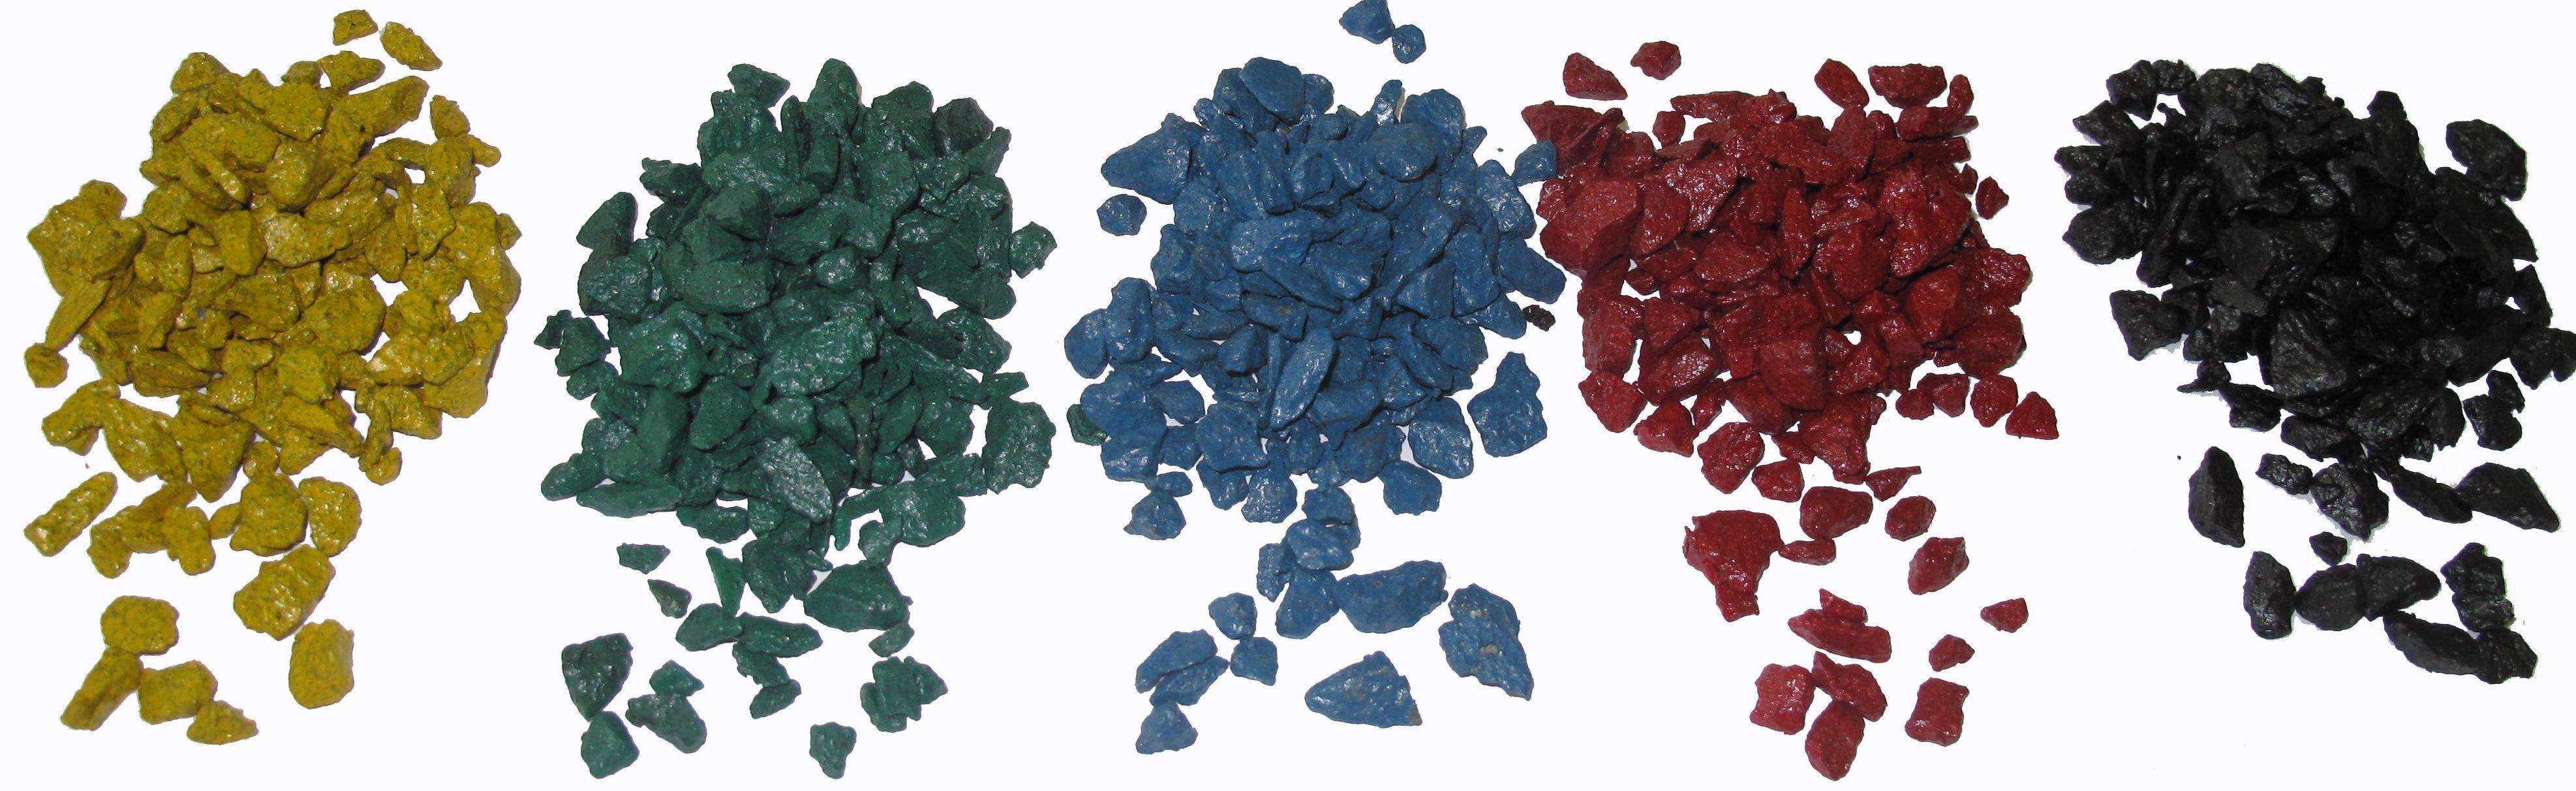 gravel-granit-big